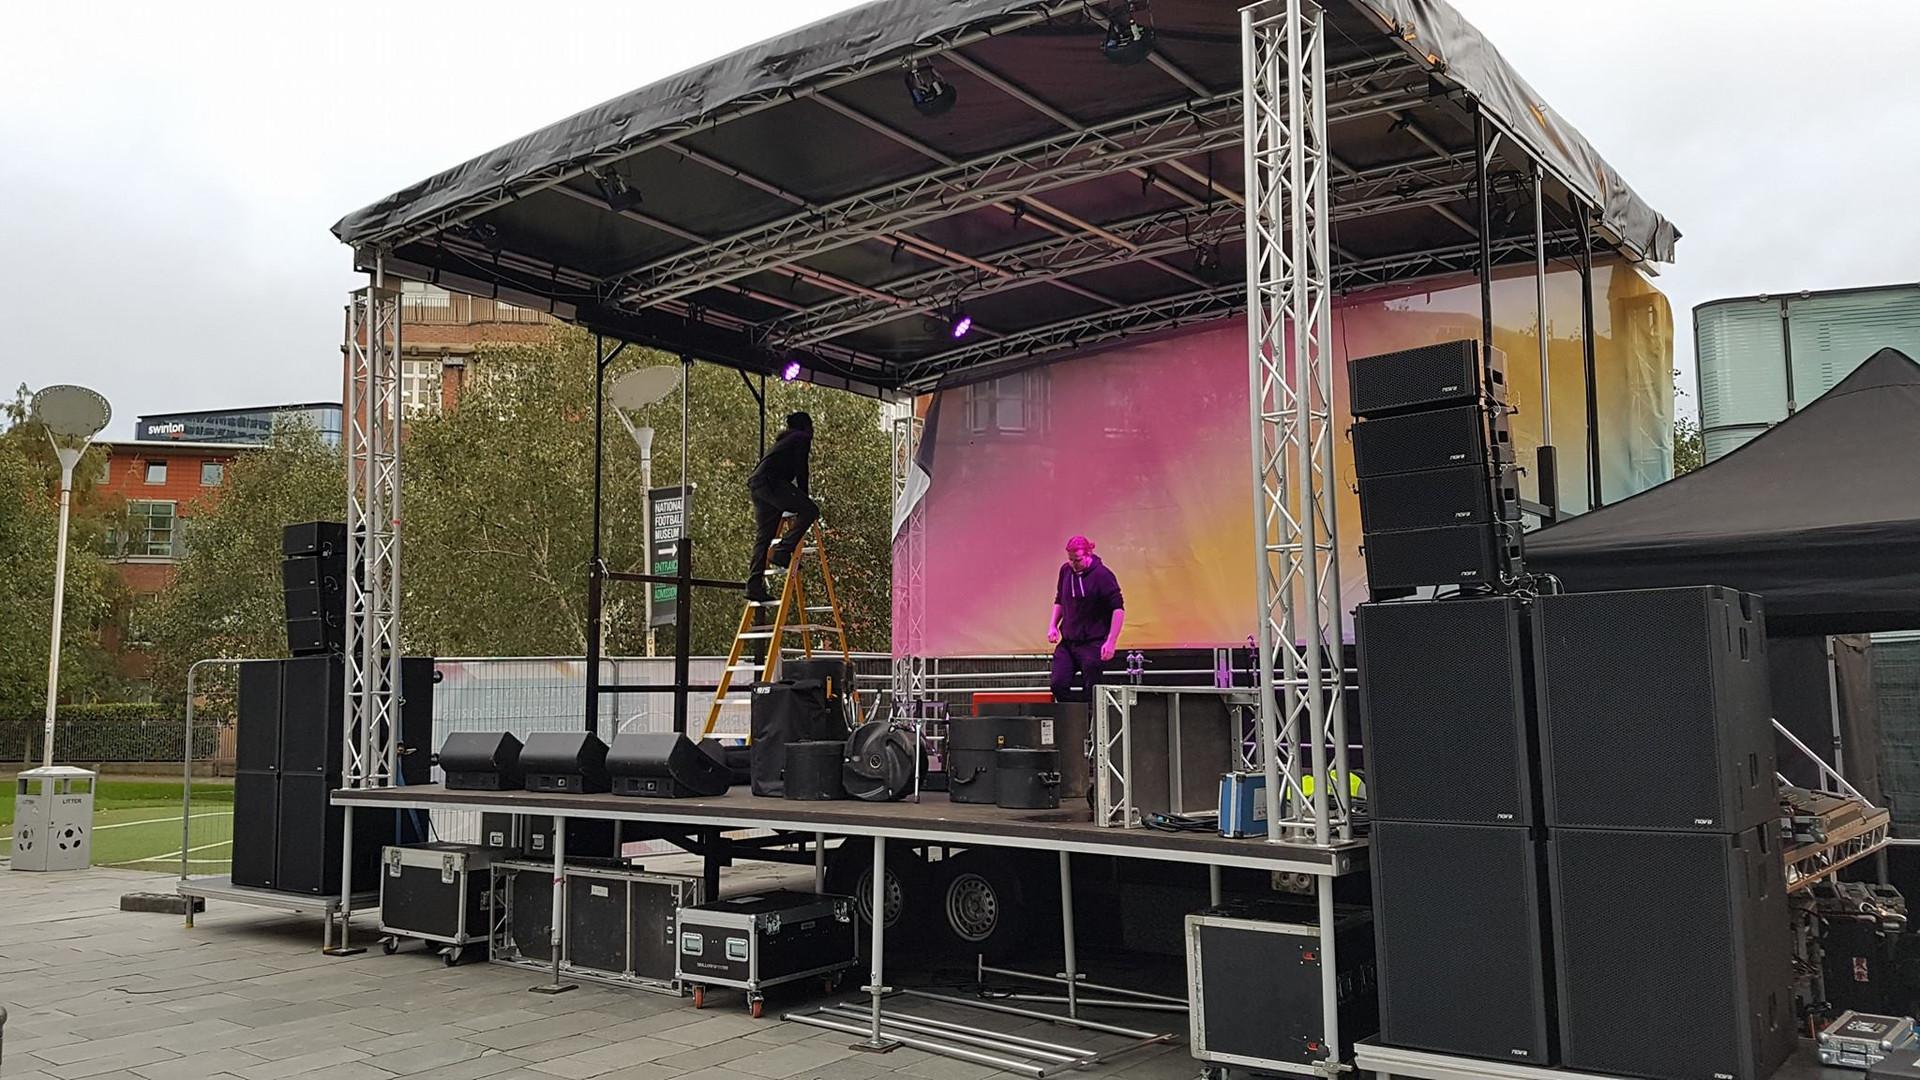 Journeys Festival 2018